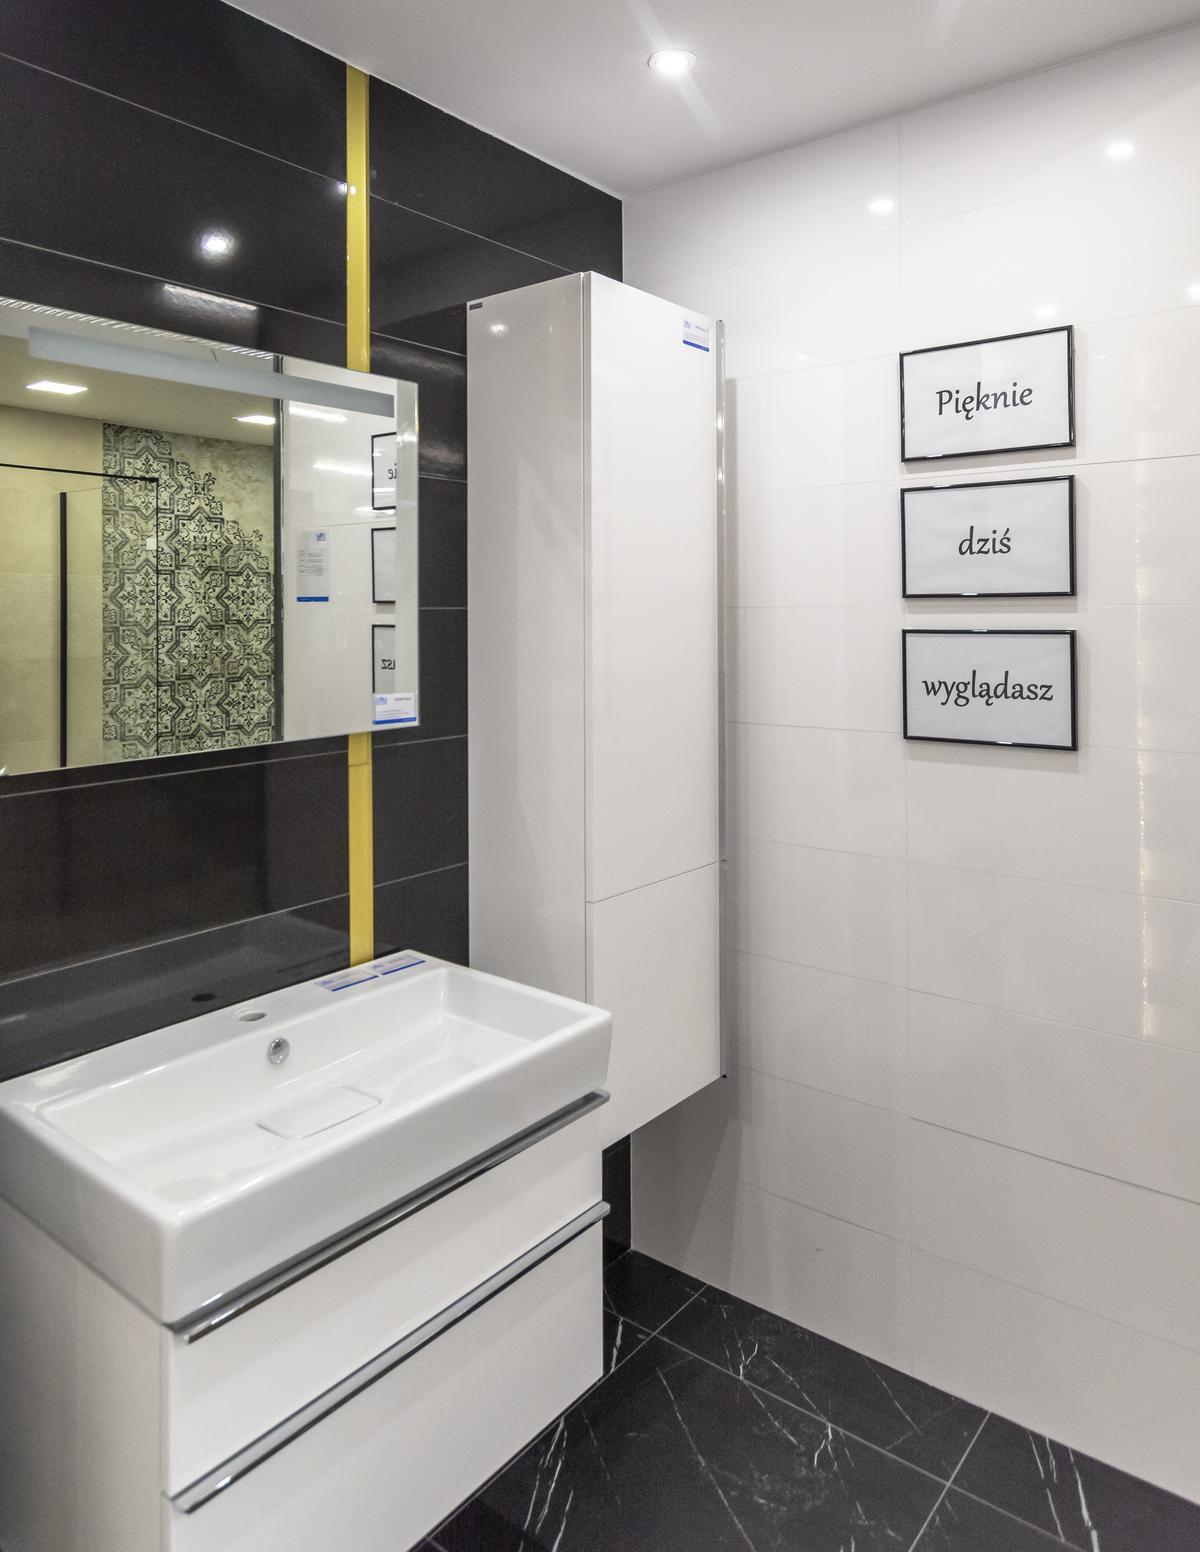 Biało-czarna łazienka Opoczno Magnifique z podłogą z wzorem marmuru - zdjęcie od BLU salon łazienek Biała Podlaska